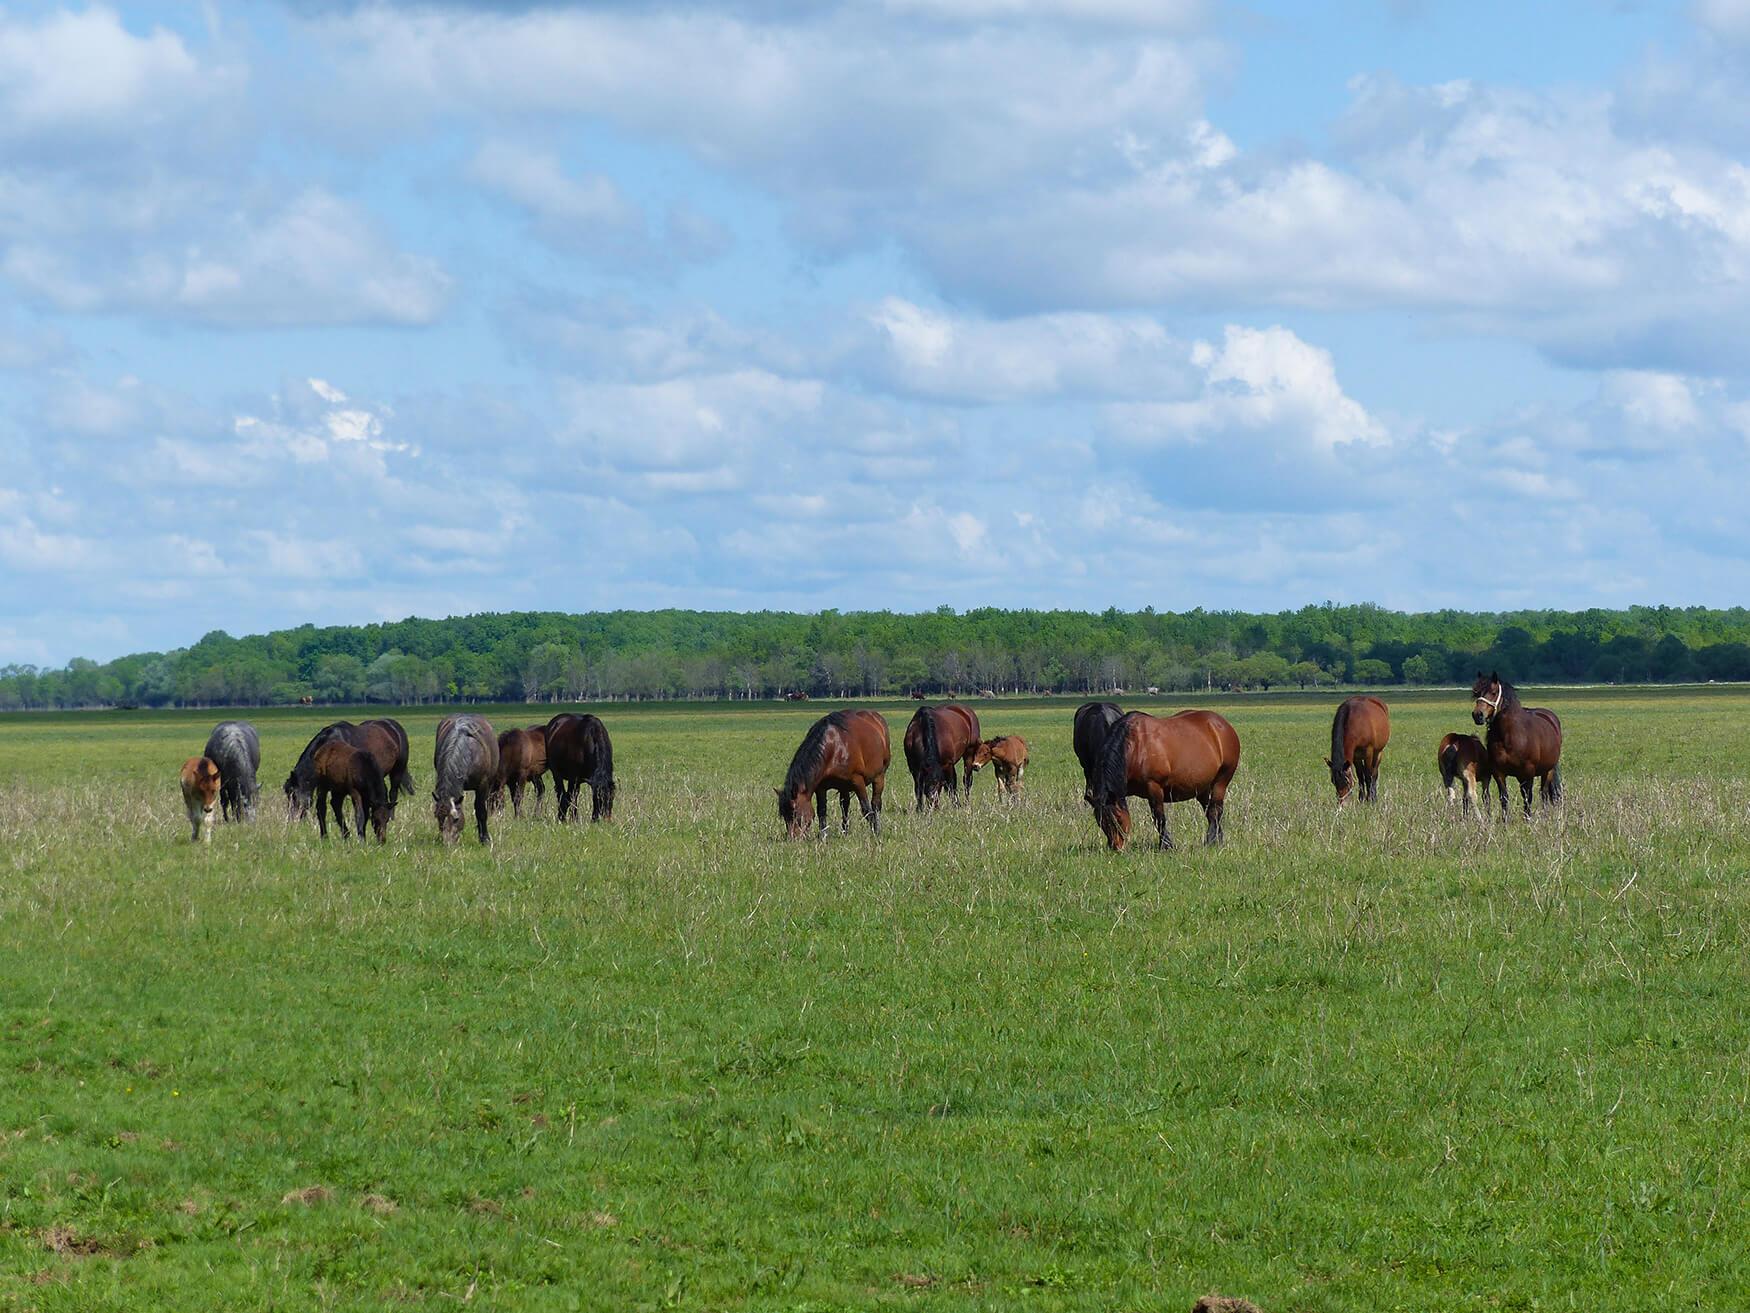 Marija_Vulić_Dragaš_Mužilovčica_horses